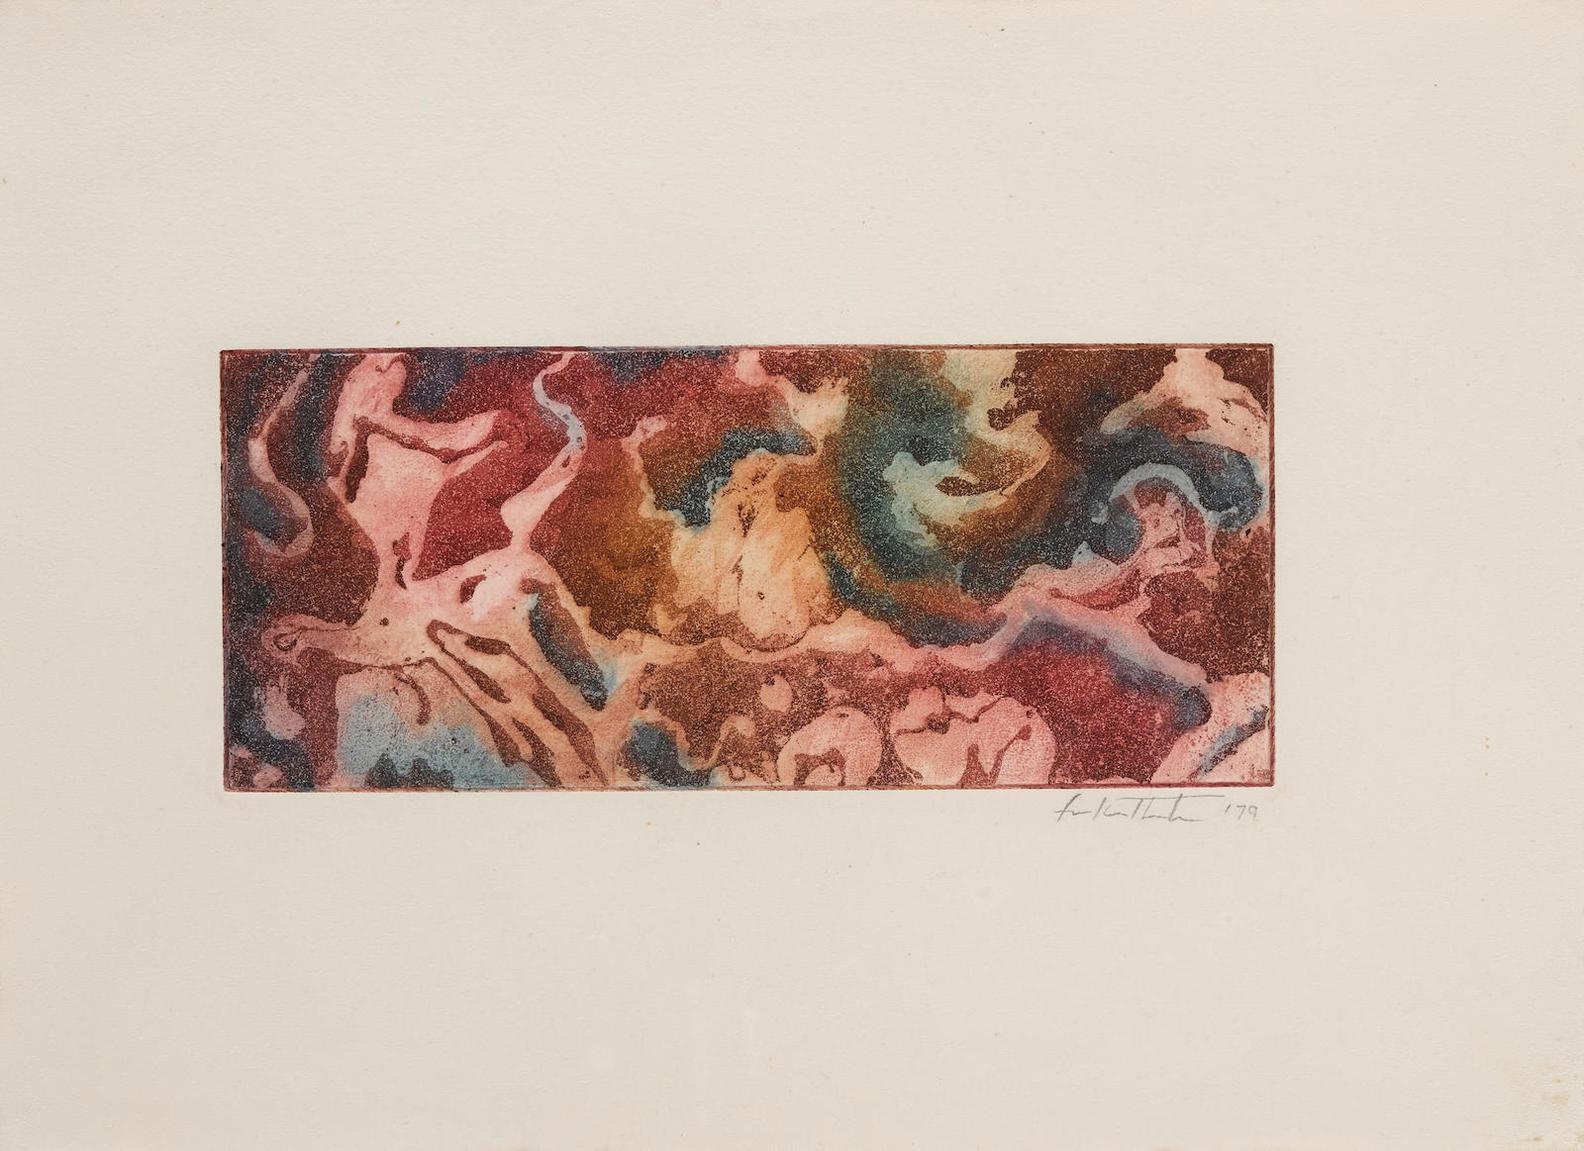 Helen Frankenthaler-Untitled-1979